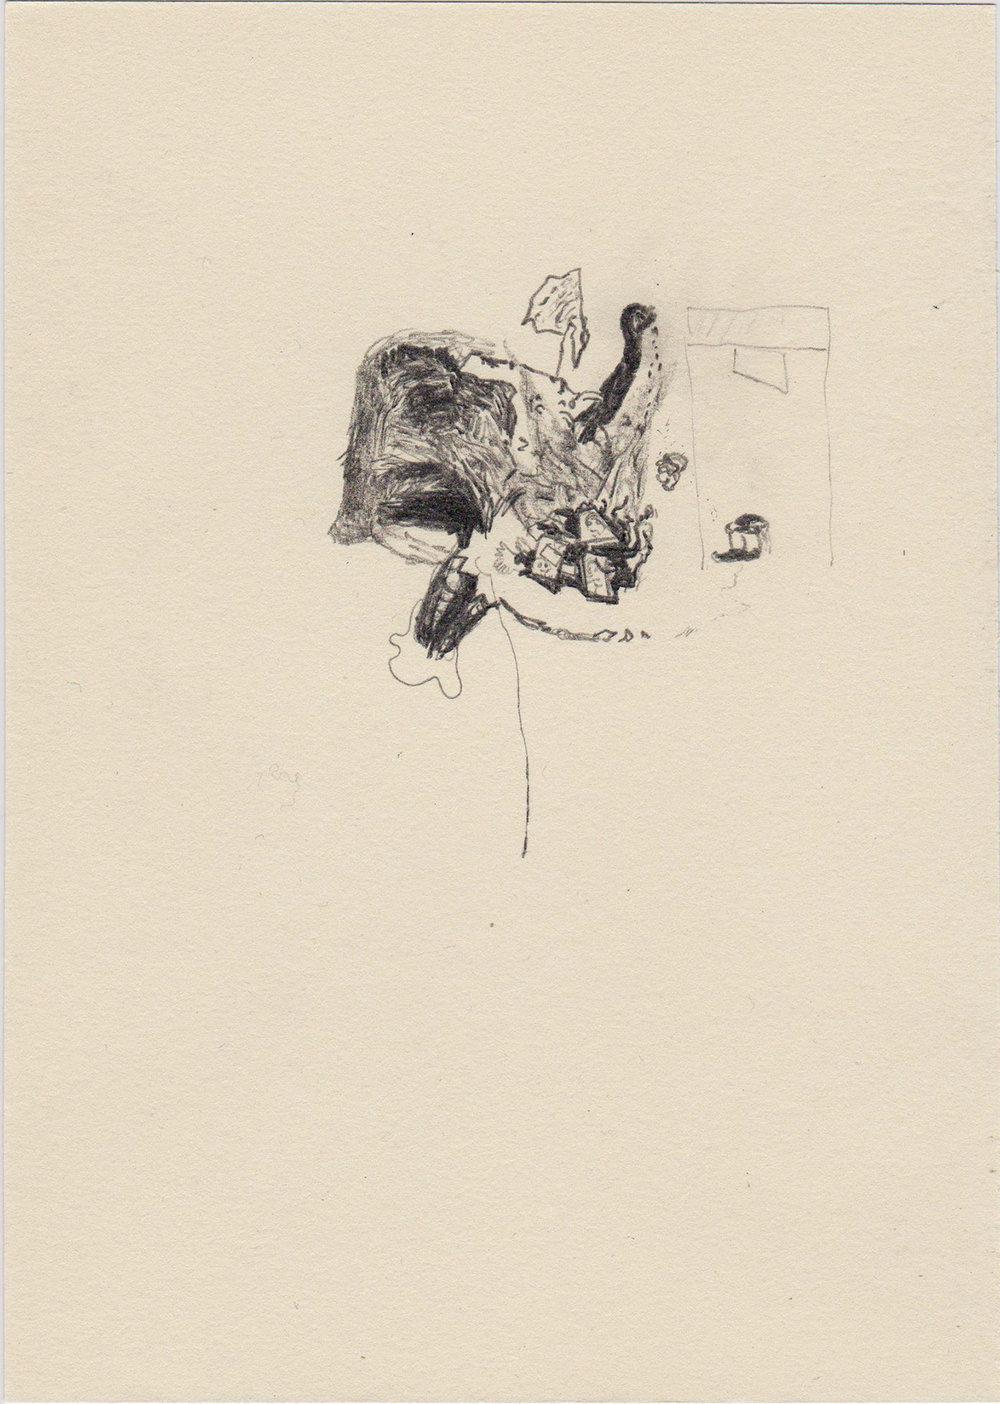 Judging machine, 2015; Pencil on paper; 20 x 14,5 cm